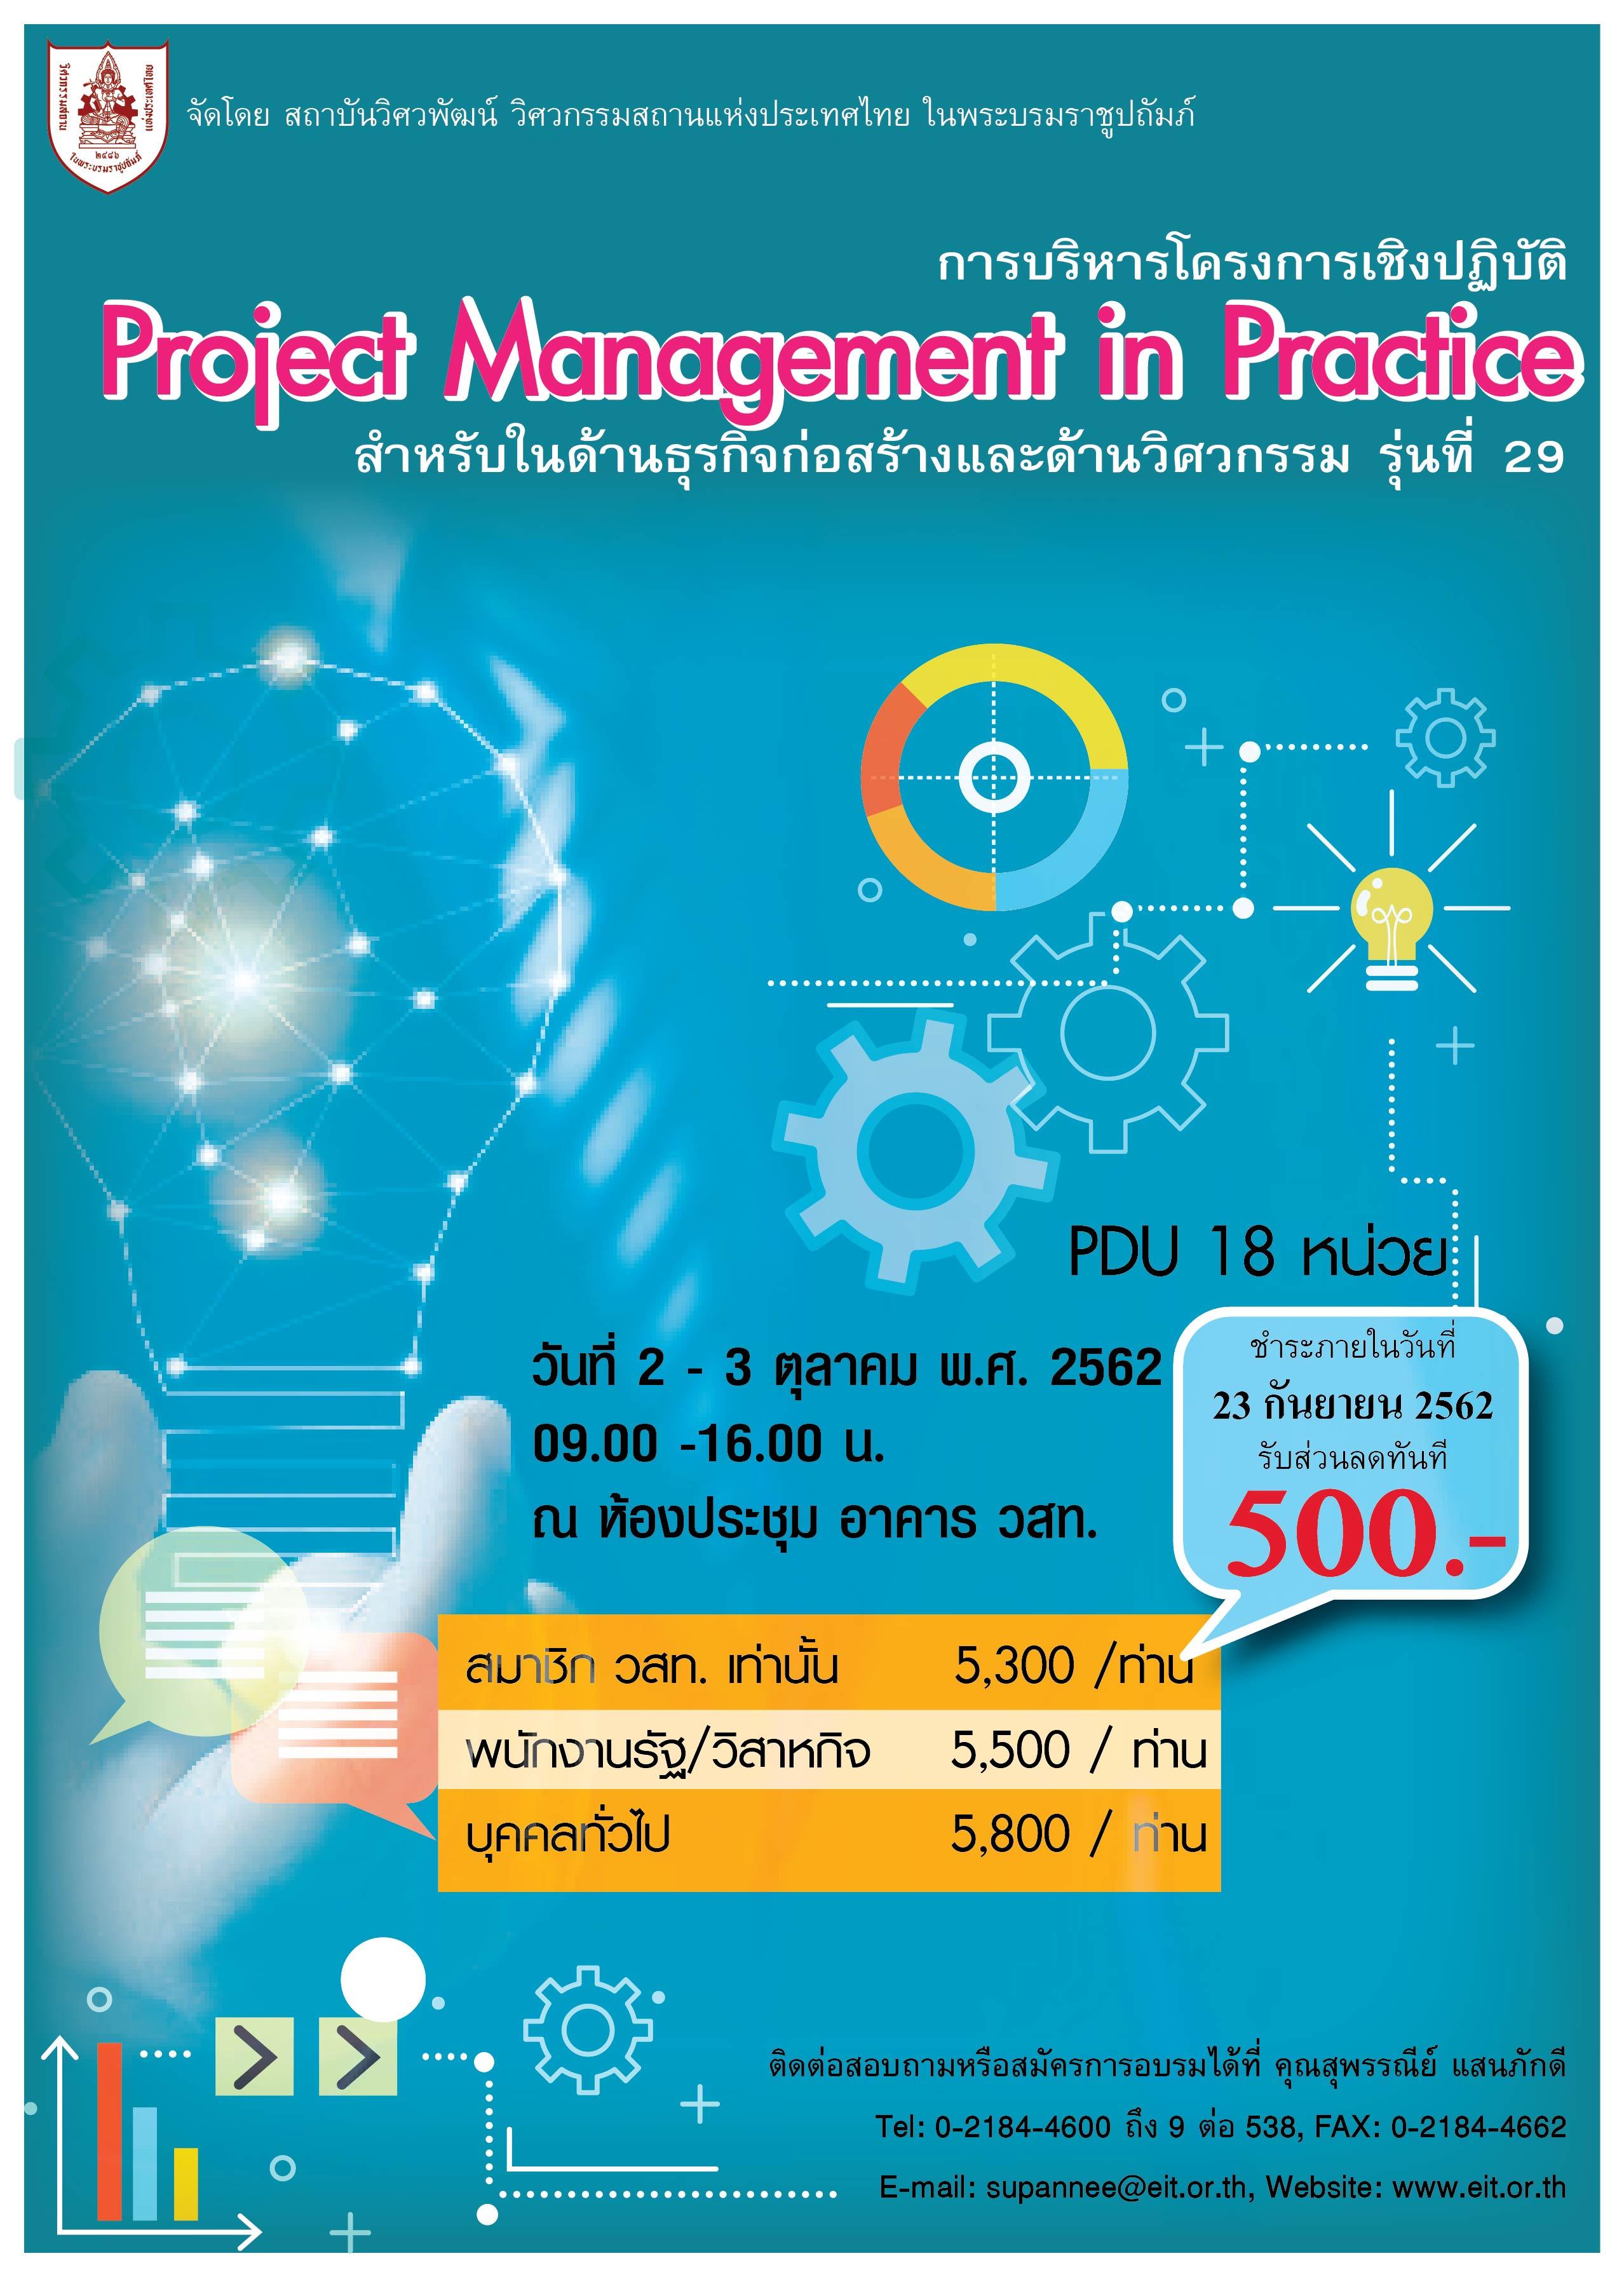 2-3/10/2562 โครงการอบรมเชิงปฏิบัติการหลักสูตร การบริหารโครงการเชิงปฏิบัติ (Project Management in Practice) สำหรับในด้านธุรกิจก่อสร้างและด้านวิศวกรรม รุ่นที่ 29